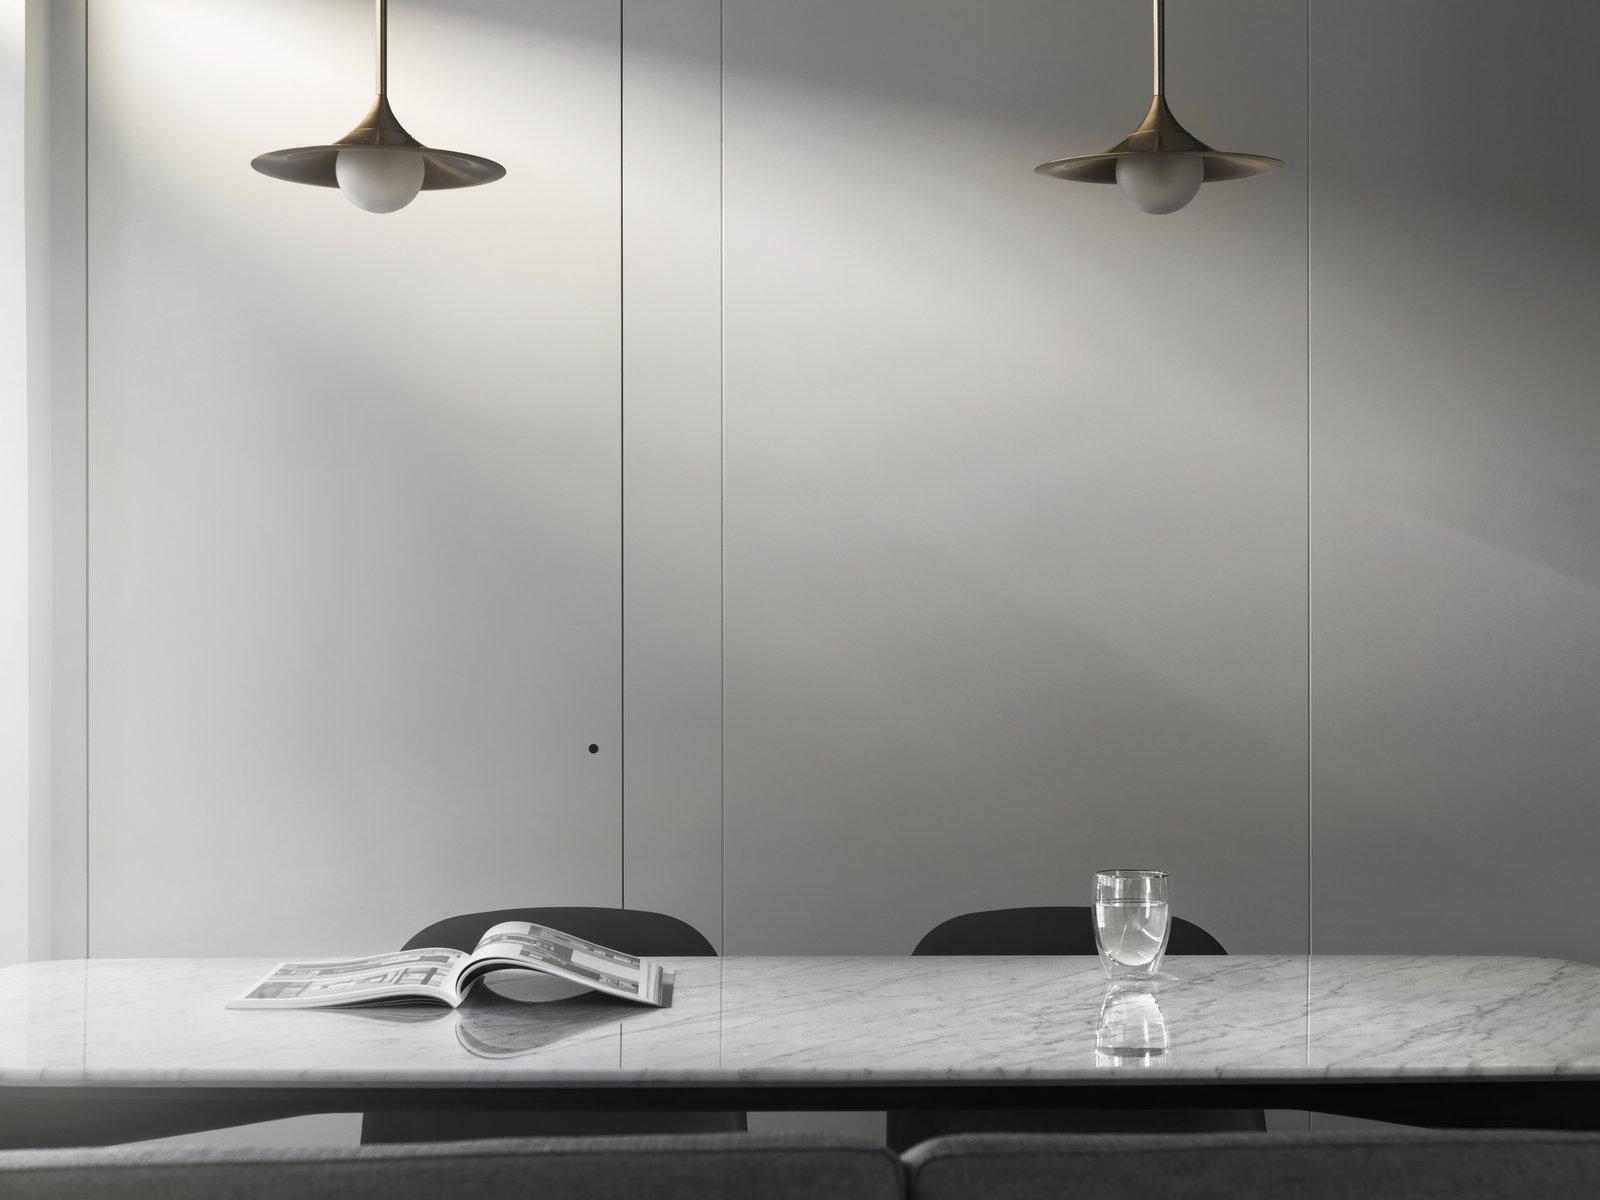 带起居室,椅子和天花板照明的现代家居。 日常生活的隐形秩序照片16